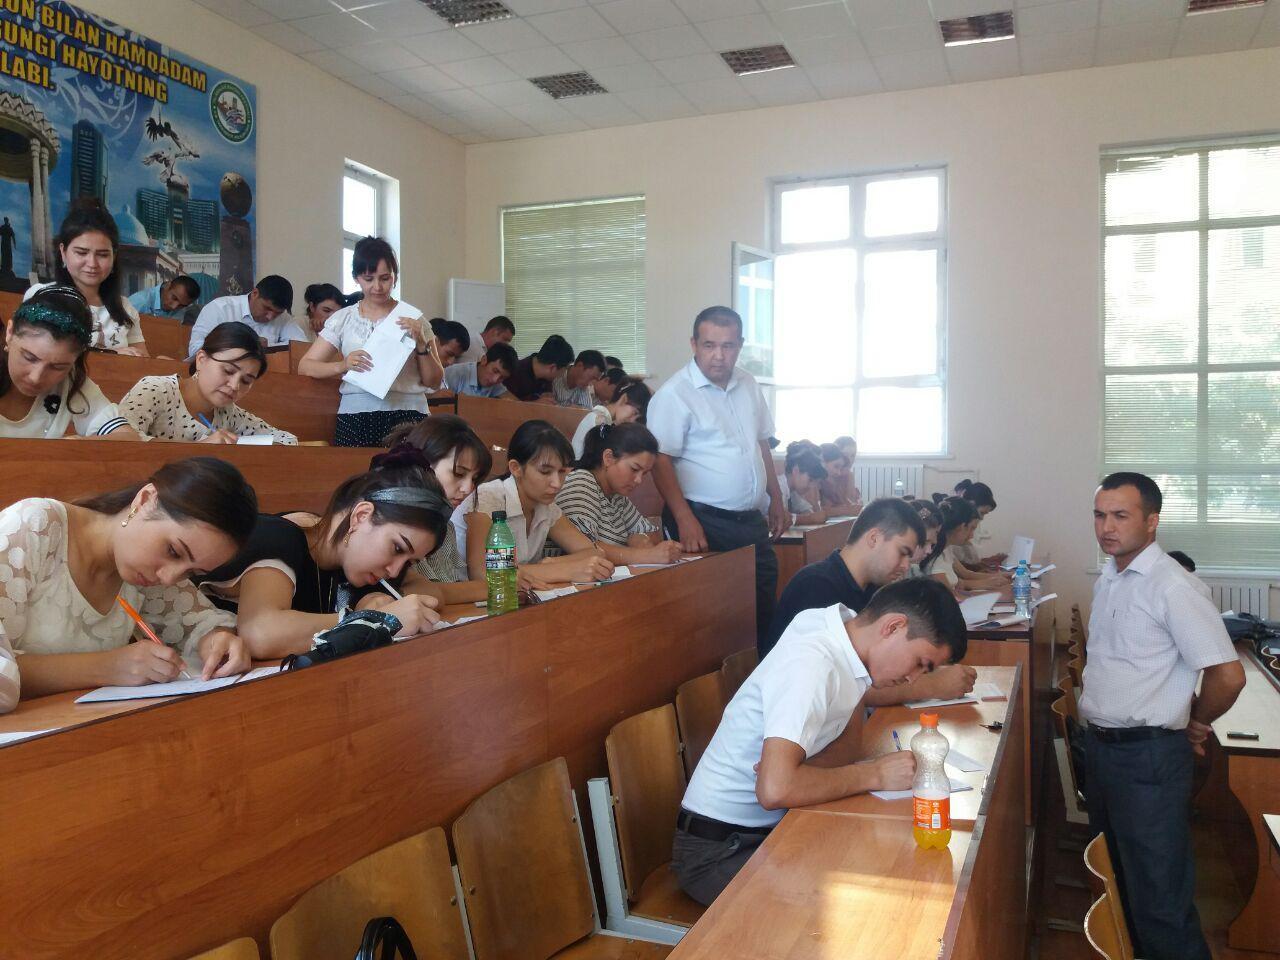 25 июня 2019 года для магистрантов – выпускников УрГУ был проведен Государственный экзамен по спецдисциплинам.